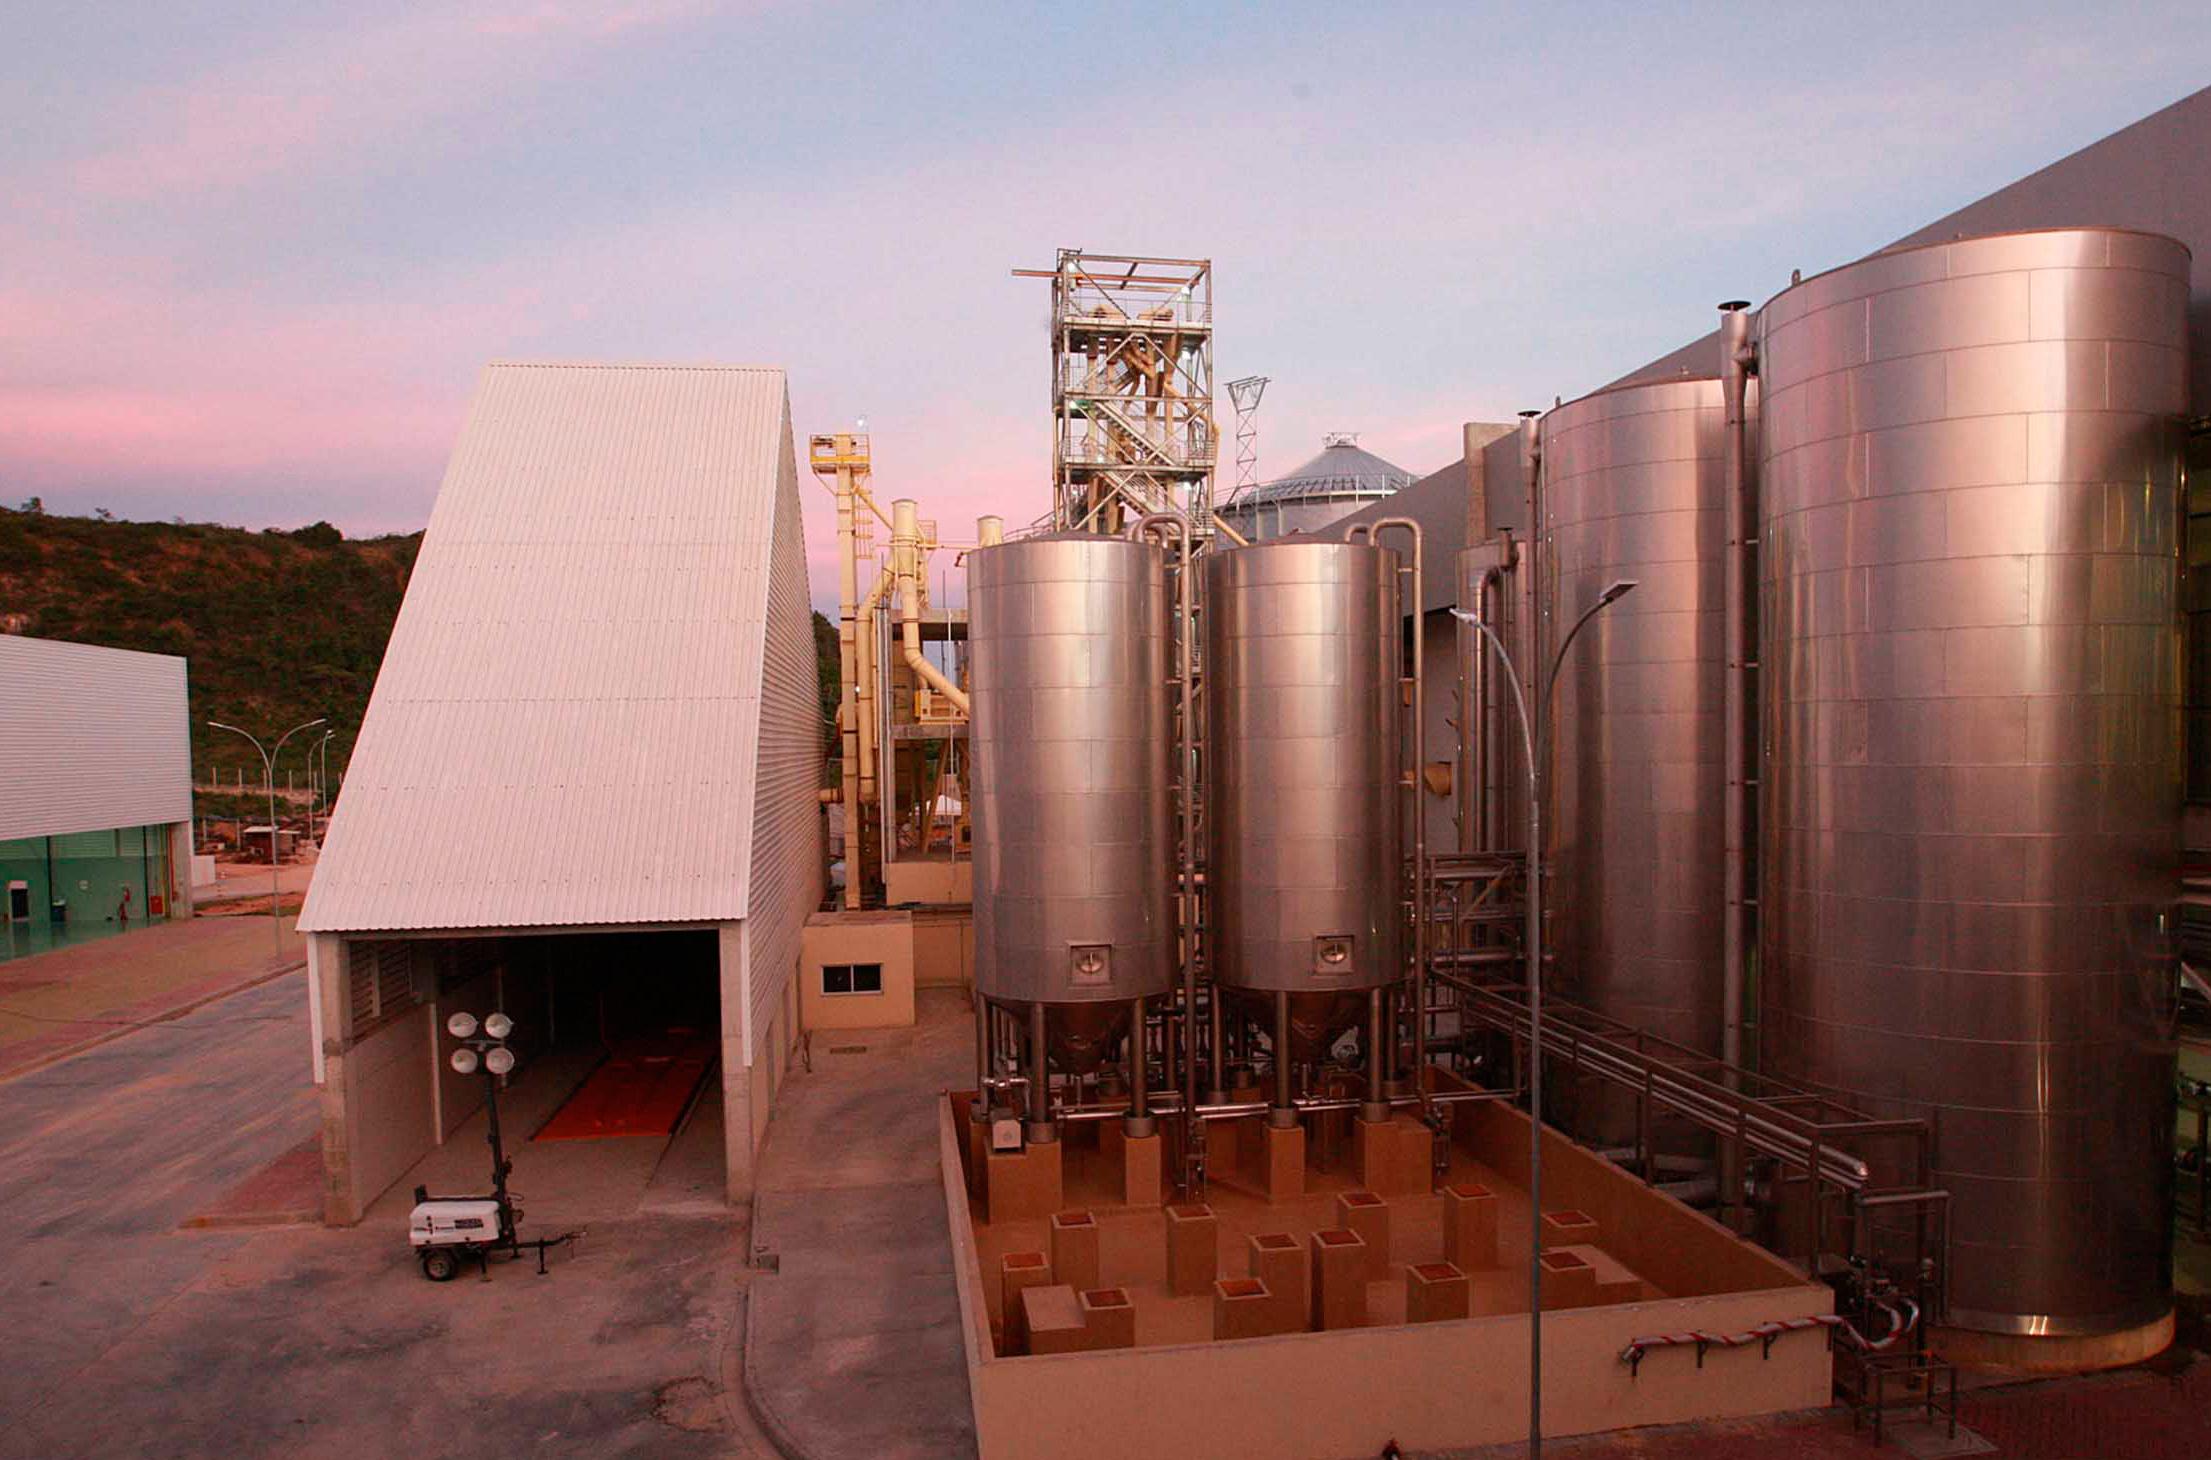 Tanques de Armazenamento da Cervejaria Petrópolis